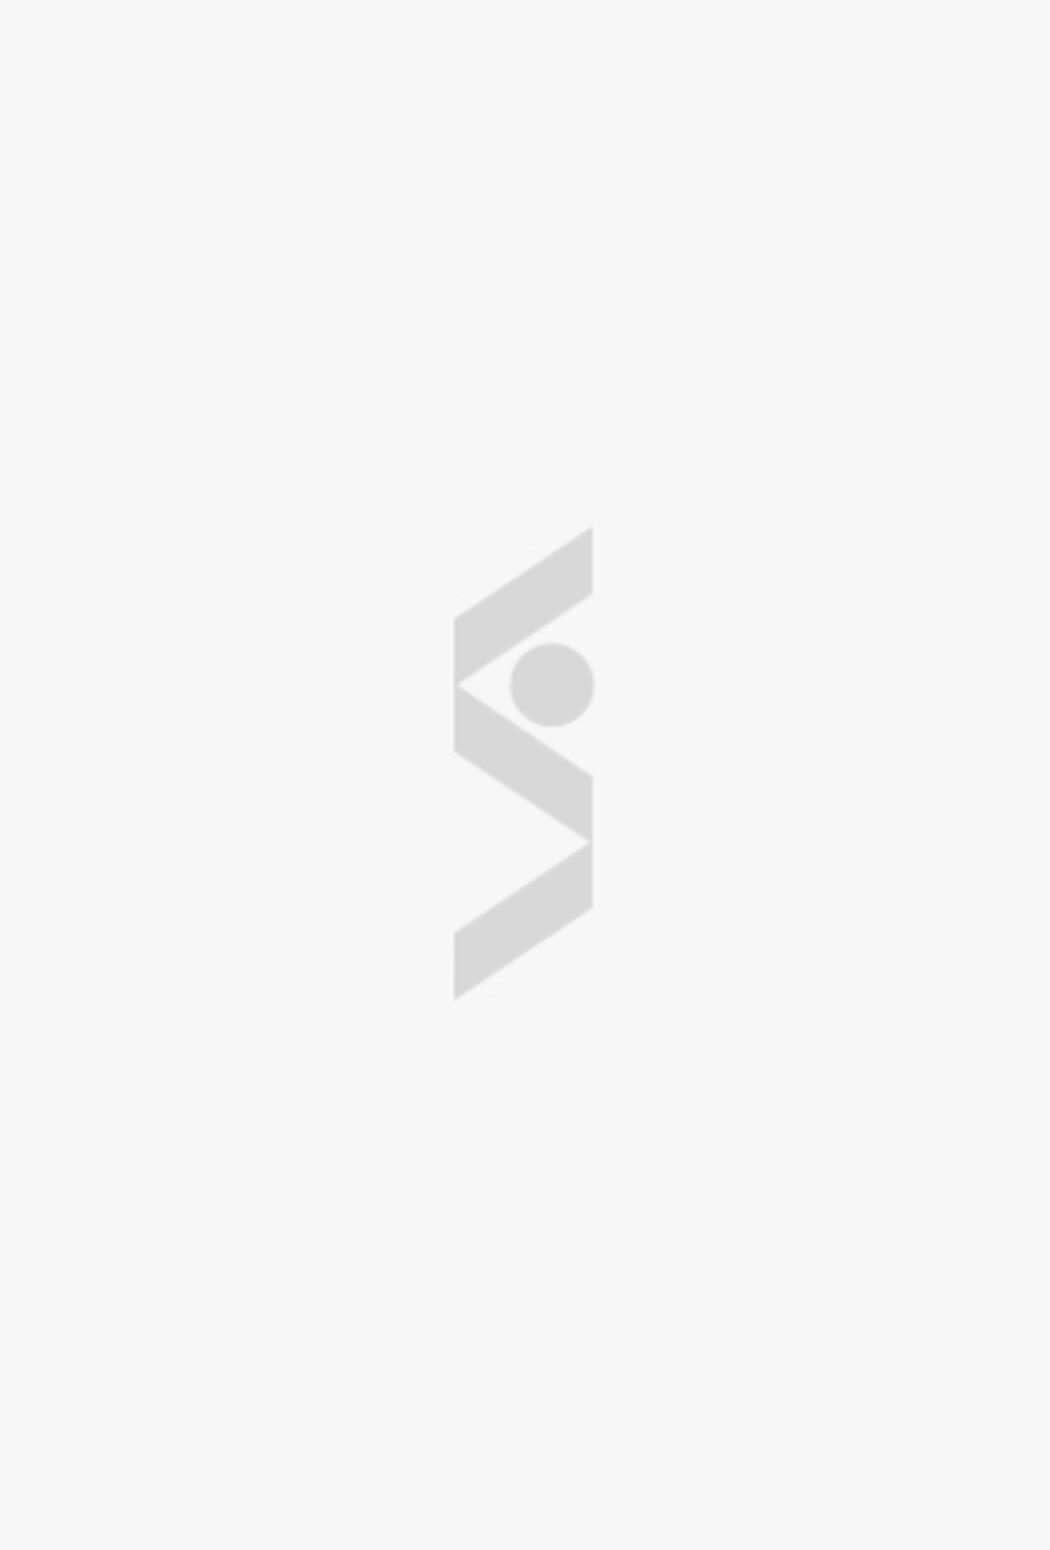 Женское белье dim москва купить телевизор в техника дома